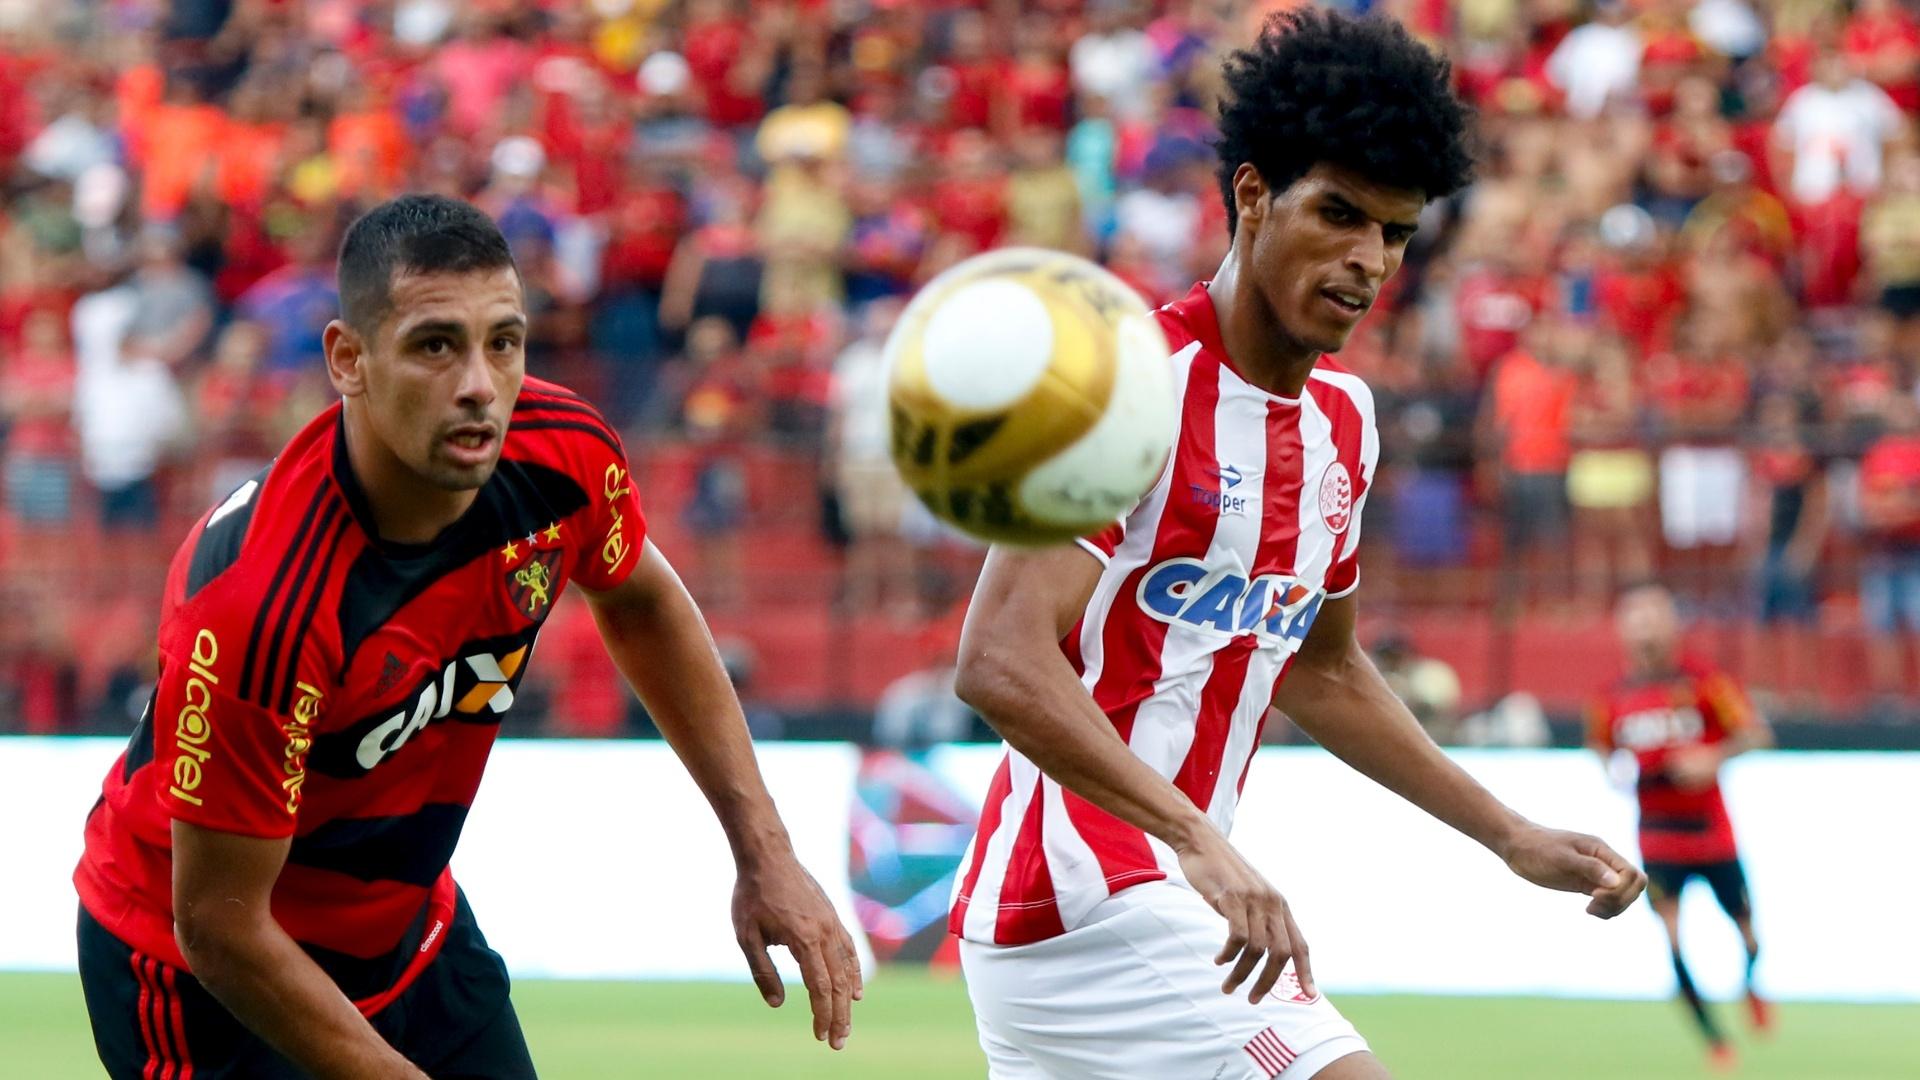 Diego Souza em ação no clássico Sport e Náutico